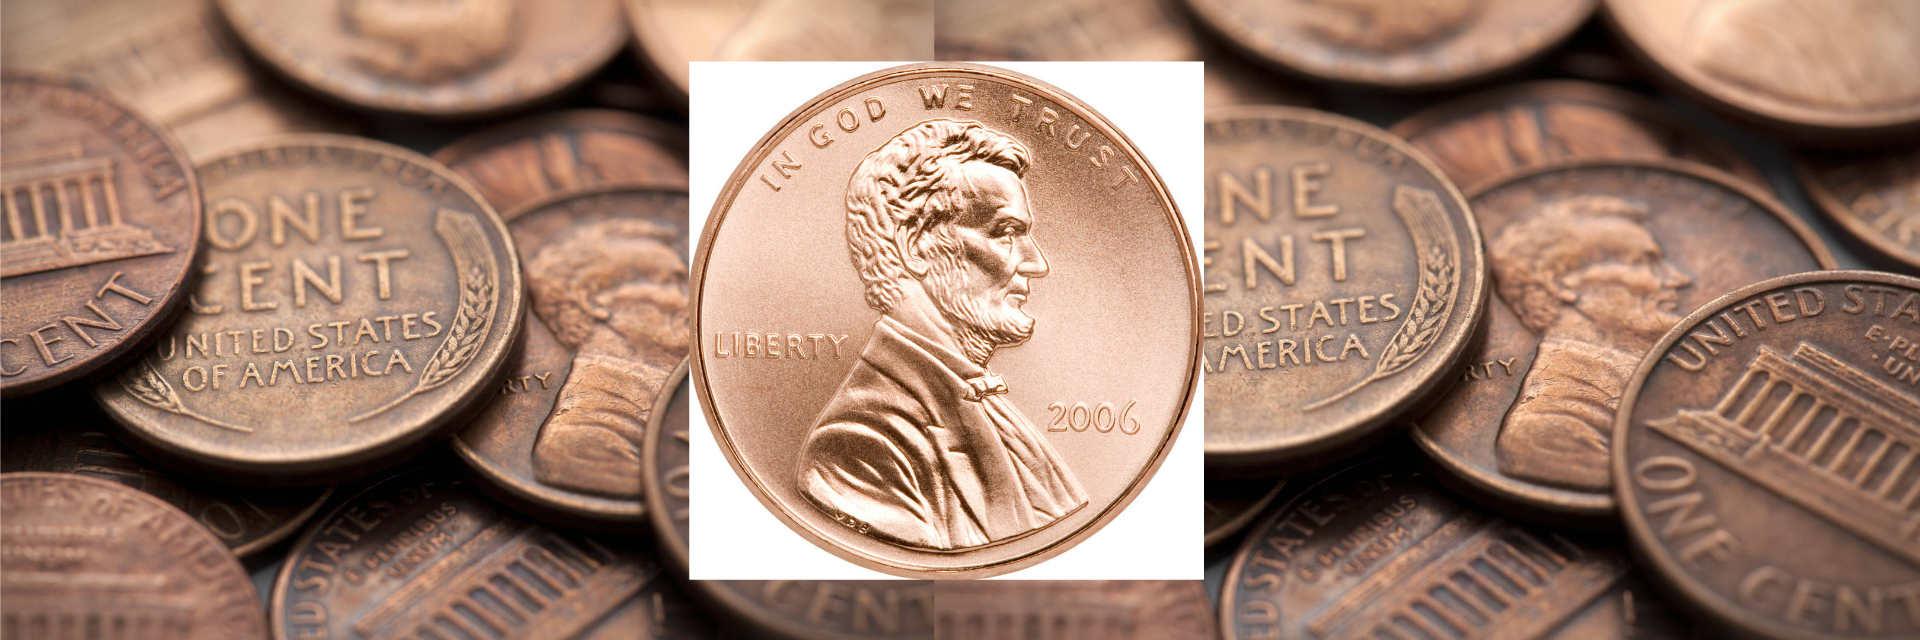 Be the shiny penny